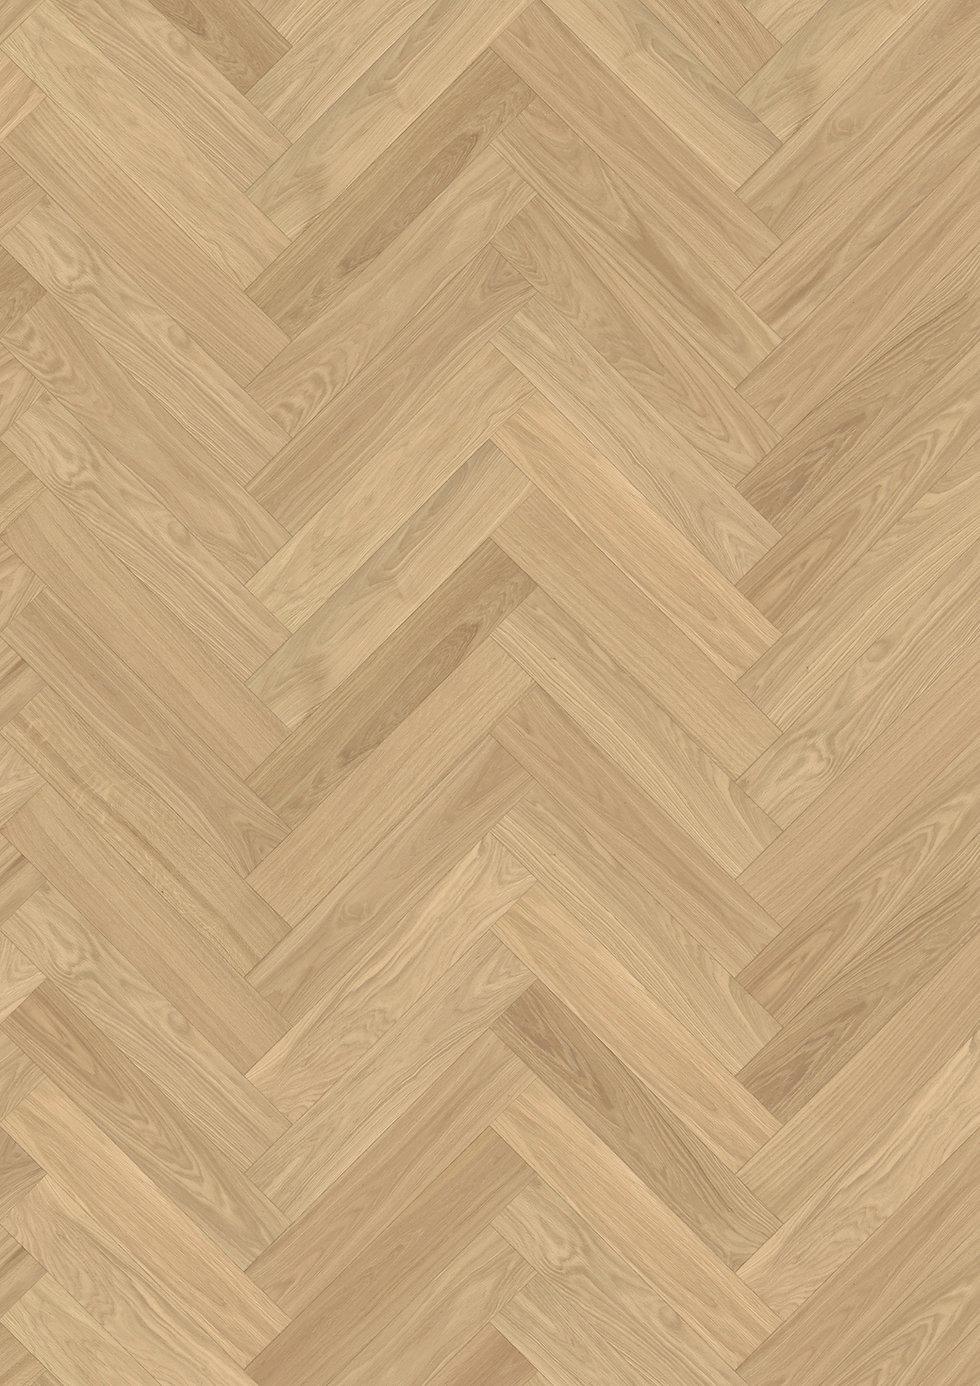 herringbone-oak-ab-dim-white-sample-pro-b-arcit18.jpg